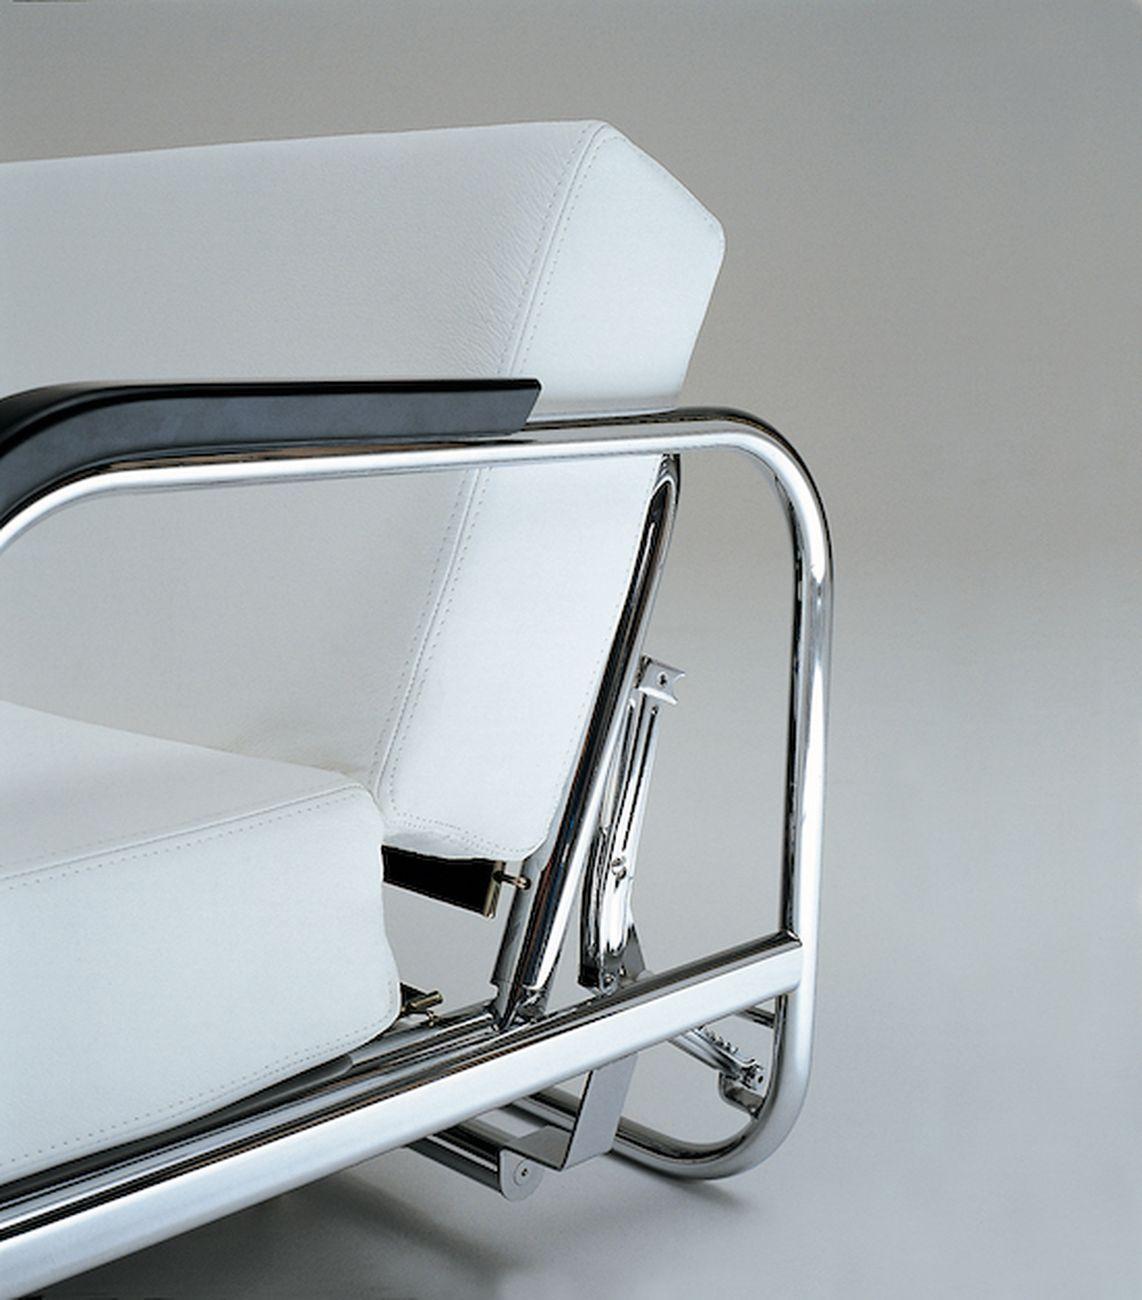 AA1 by Alvar Aalto, MisuraEmme